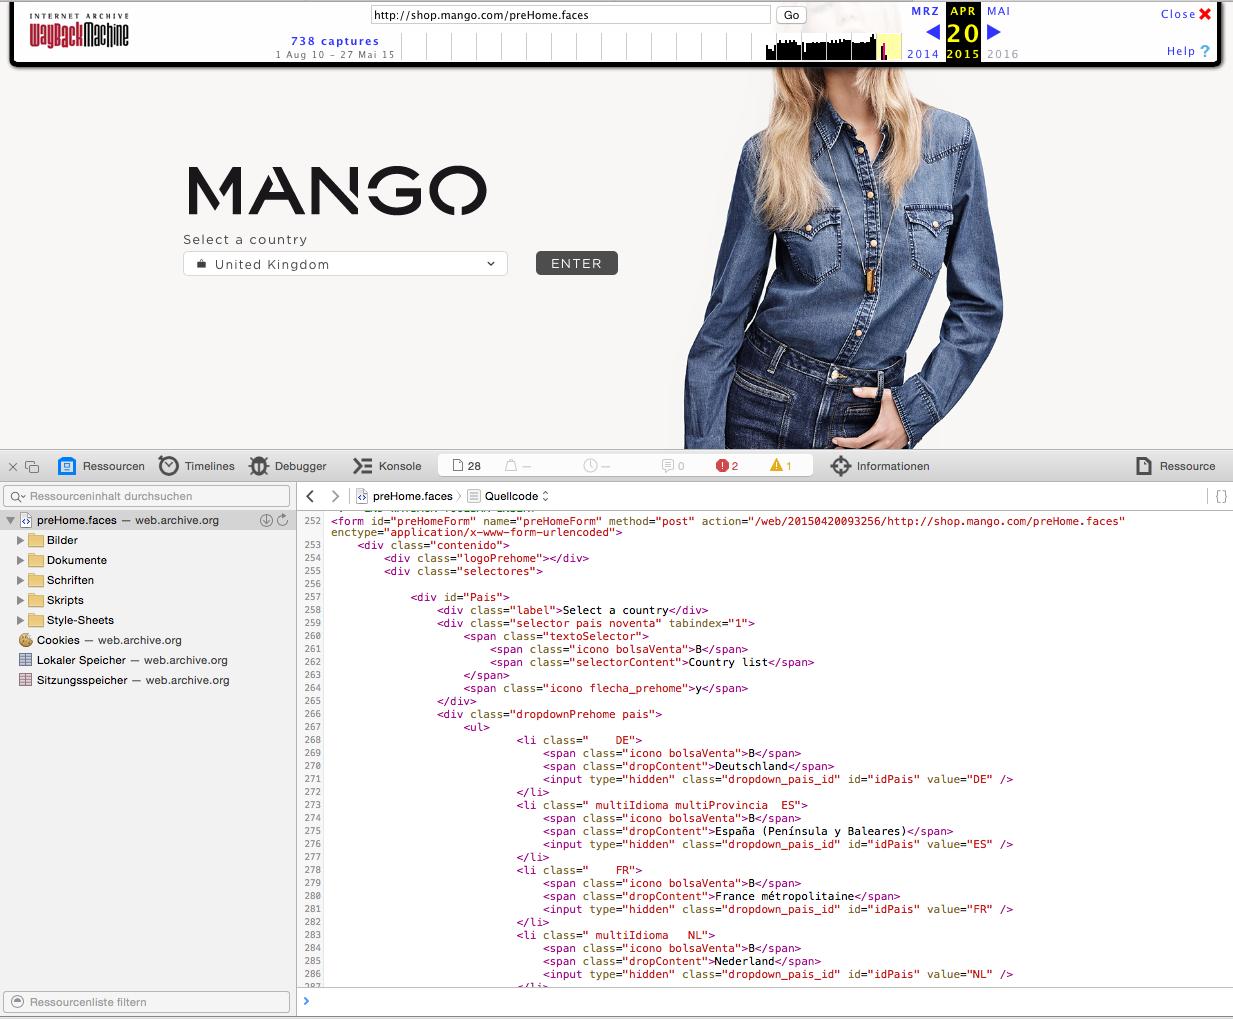 Última página de inicio de Mango.com antes del cambio. Los países se podría leer en HTML.